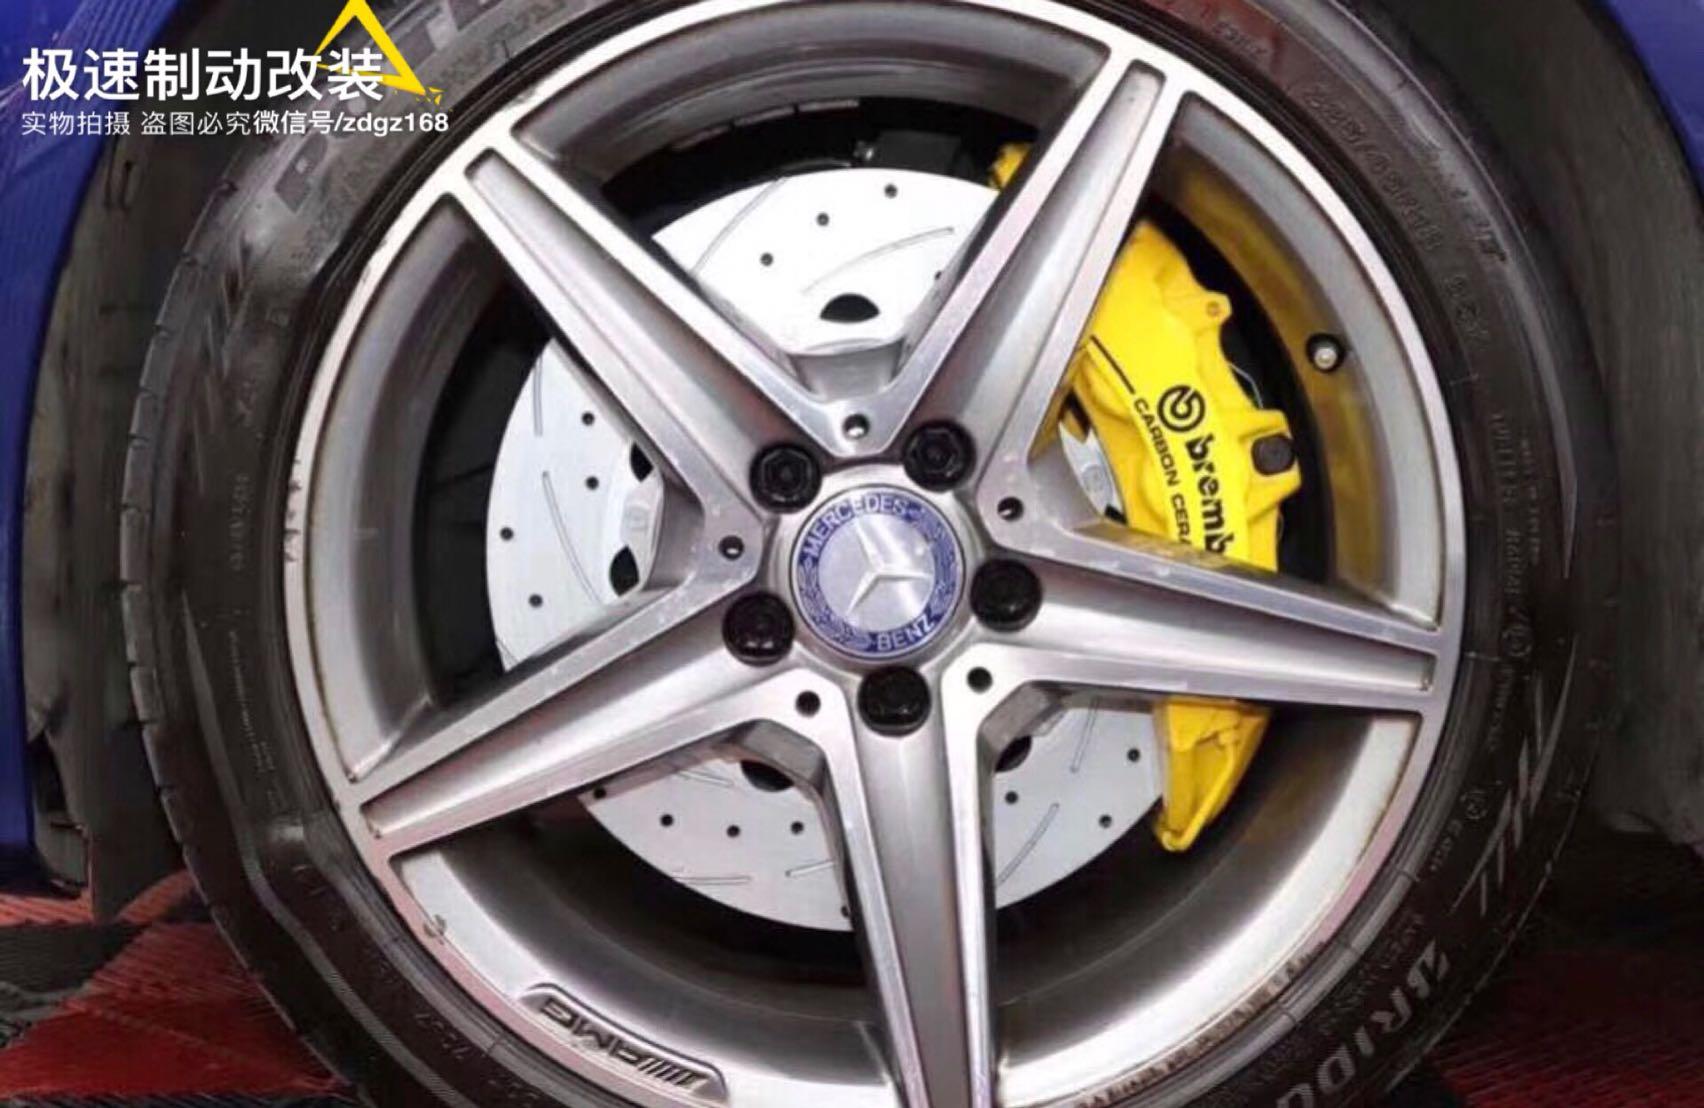 奔驰C级(W205)刹车升级前轮BREMBO大六刹车套装,外观制动性好